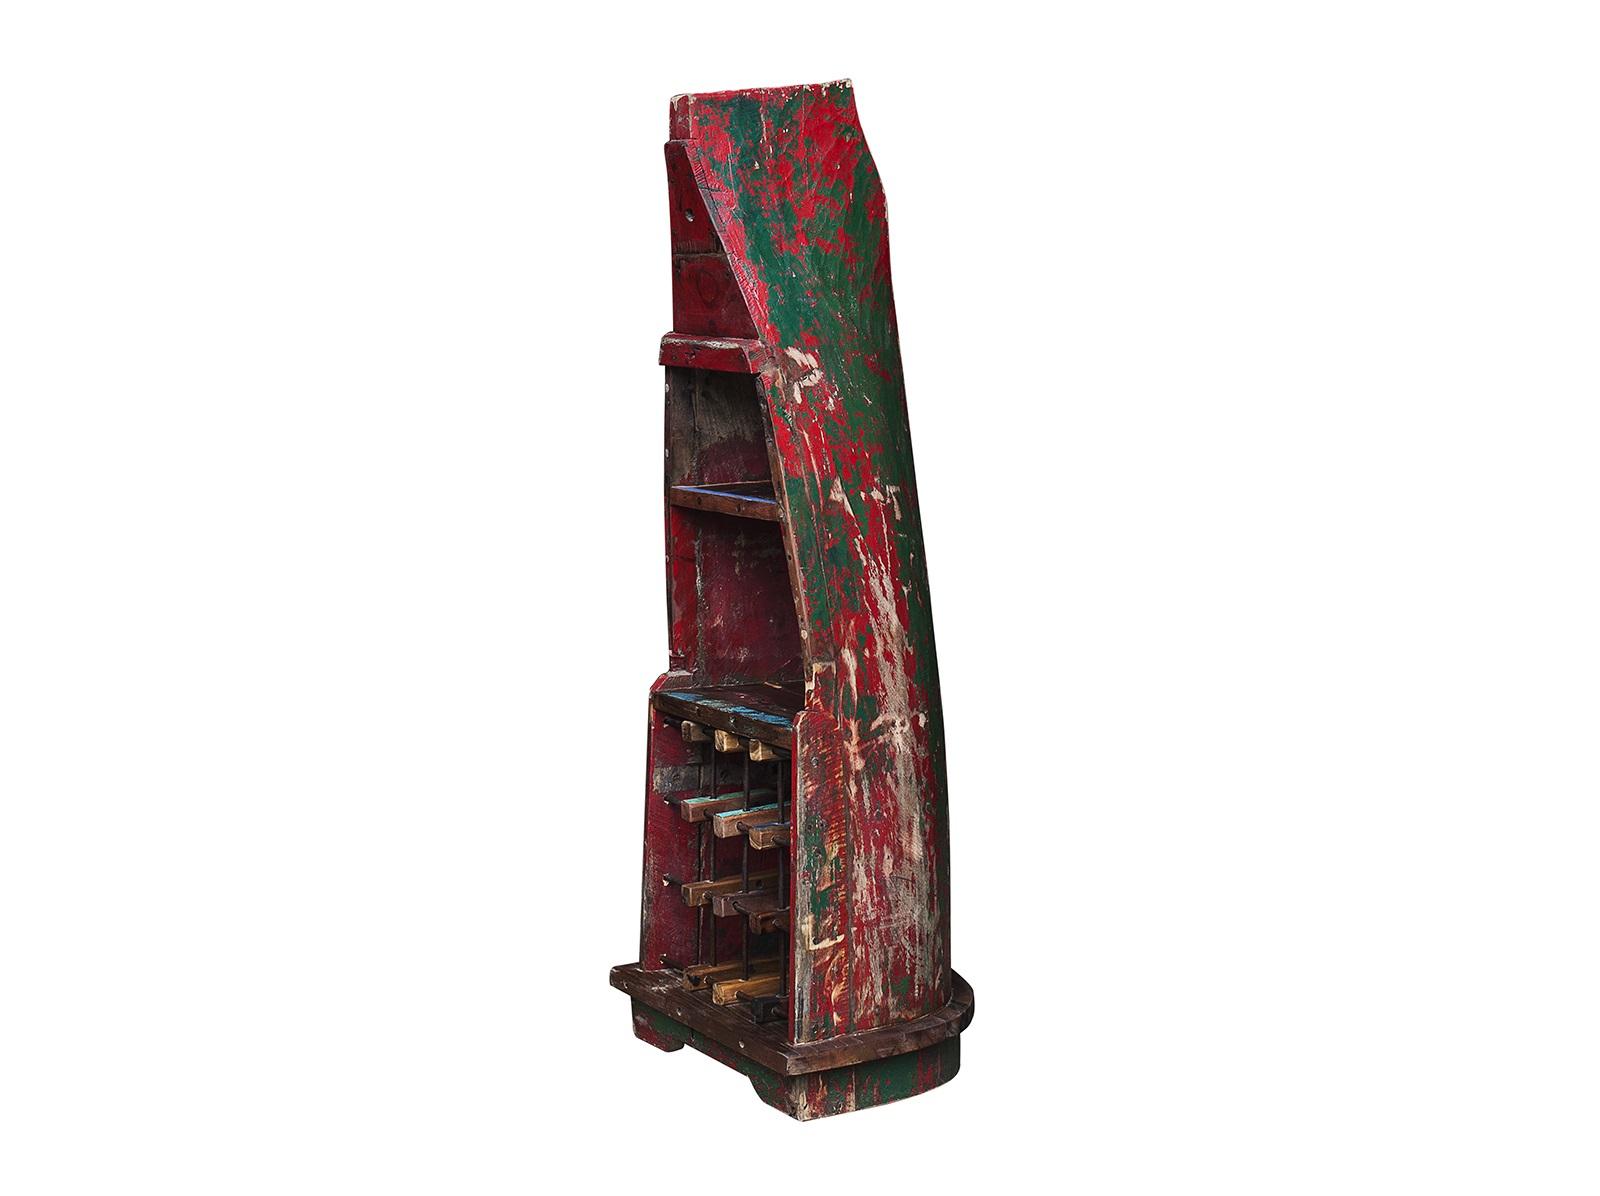 Винный шкаф ЛаптевВинные шкафы<br>Винный шкаф, выполненный из старой рыбацкой лодки классической правильной формы с сохранением оригинальной многослойной окраски. Хранит до 15 бутылок. Подходит для использования как внутри помещения, так и снаружи.&amp;amp;nbsp;&amp;lt;div&amp;gt;&amp;lt;br&amp;gt;&amp;lt;/div&amp;gt;&amp;lt;div&amp;gt;Покрытие: шеллак&amp;amp;nbsp;&amp;lt;/div&amp;gt;&amp;lt;div&amp;gt;Материал: массив тика (махогони, суара)&amp;lt;/div&amp;gt;<br><br>Material: Тик<br>Length см: None<br>Width см: 43<br>Depth см: 54<br>Height см: 143<br>Diameter см: None